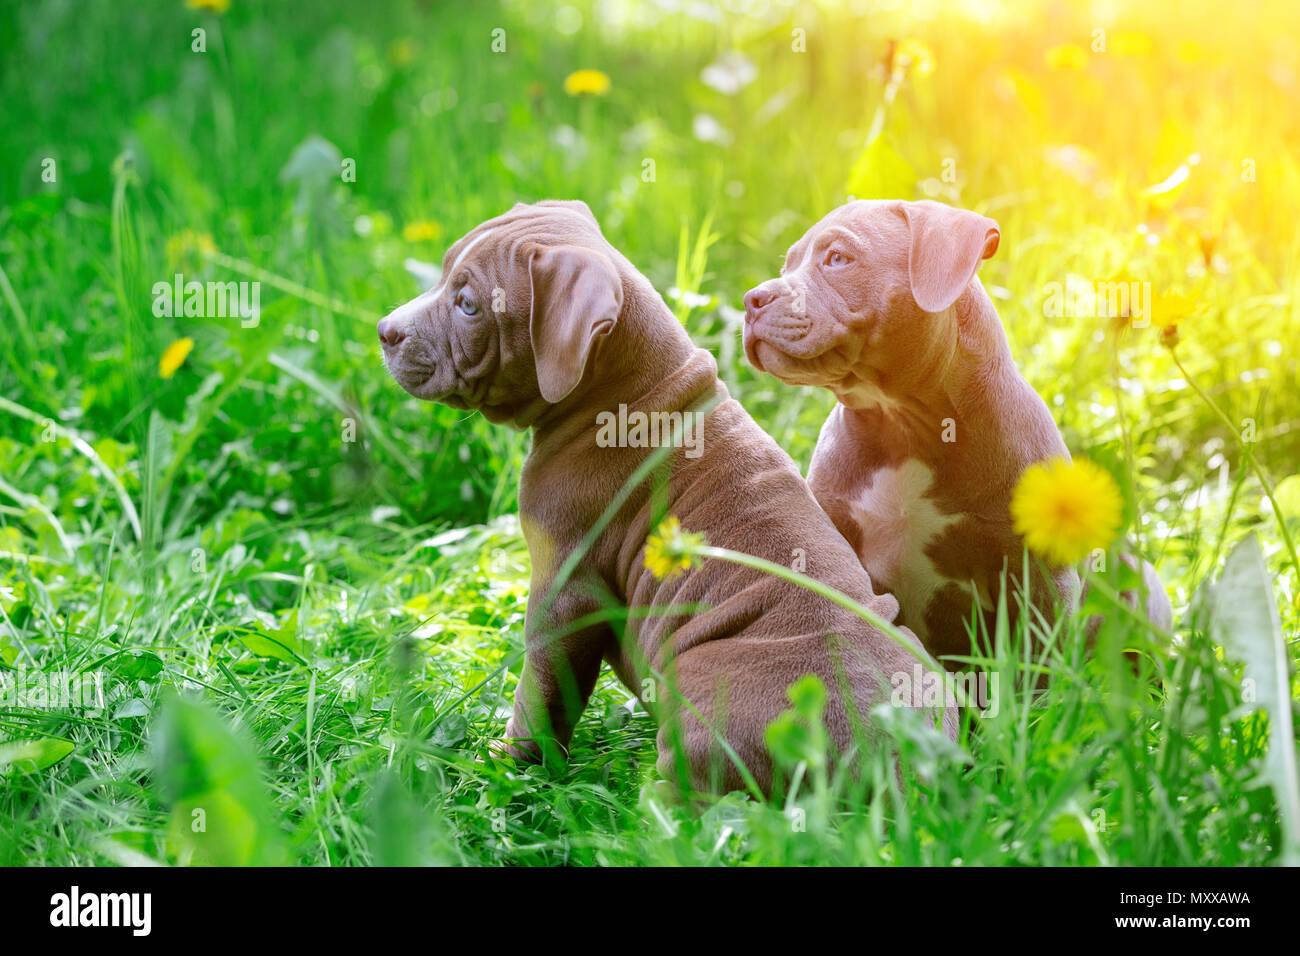 Cute little dogs sitting among yellow flowers in green grass in the cute little dogs sitting among yellow flowers in green grass in the park outdoors wallpaper mightylinksfo